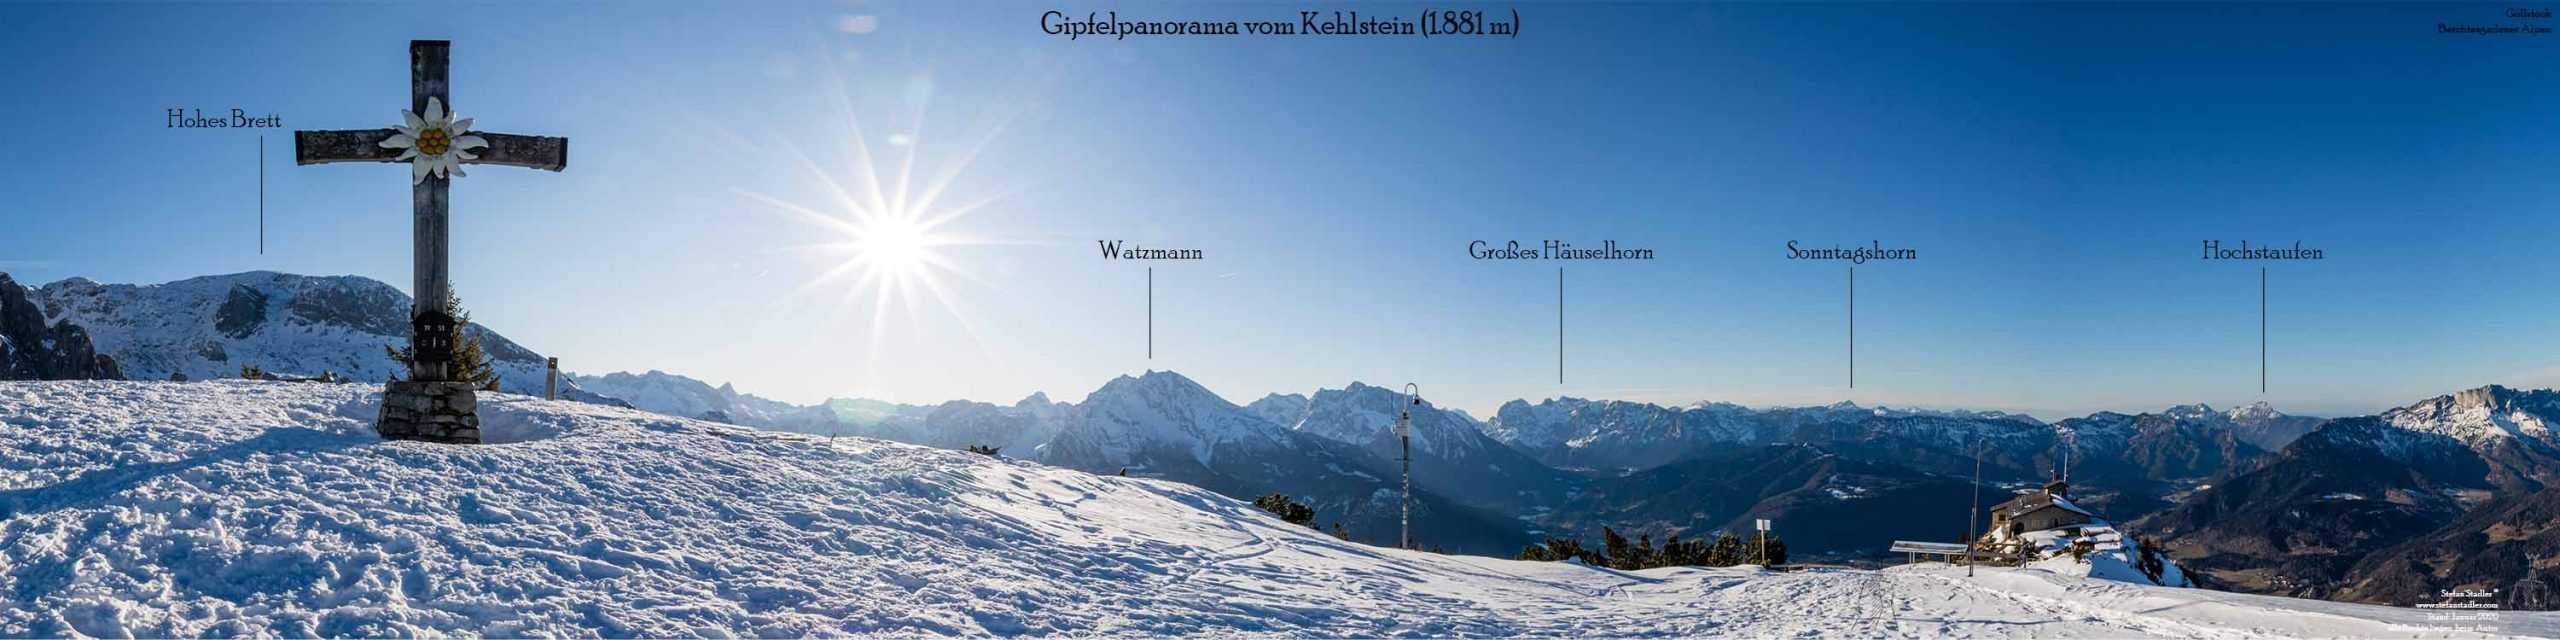 Gipfelpanorama bei Berchtesgaden